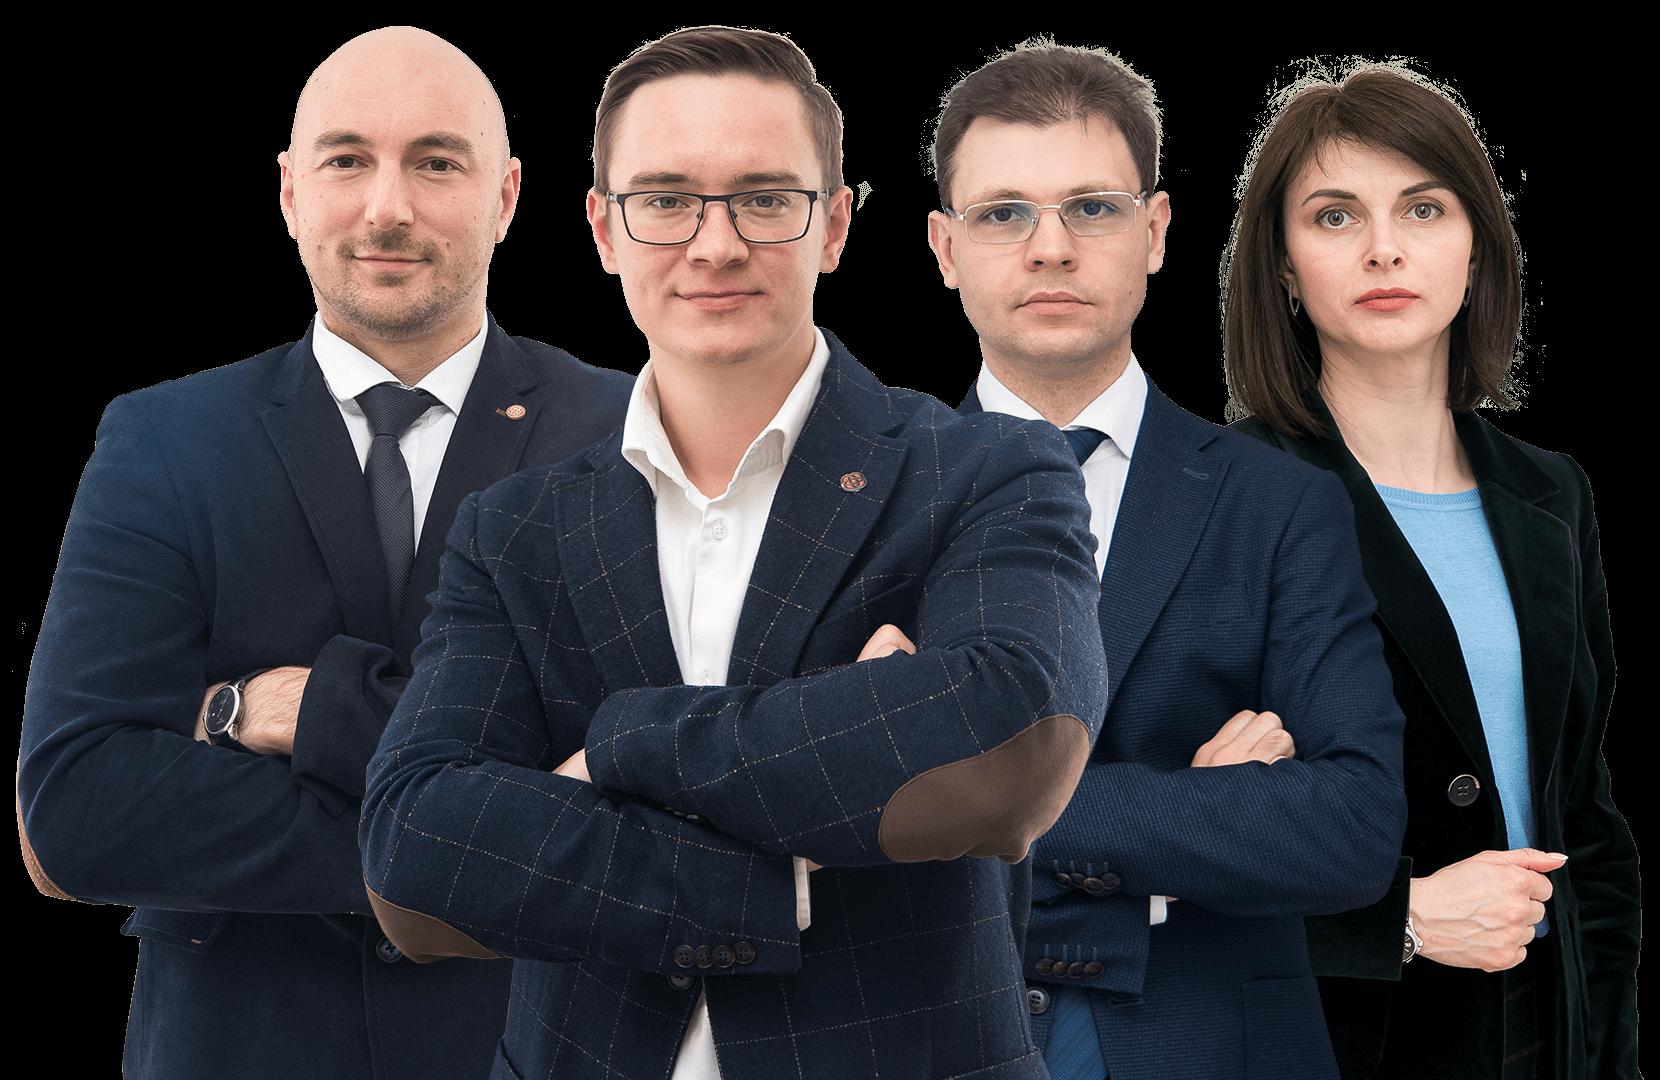 Армада-Фахівці-Комплексне-юридичне-обслуговування